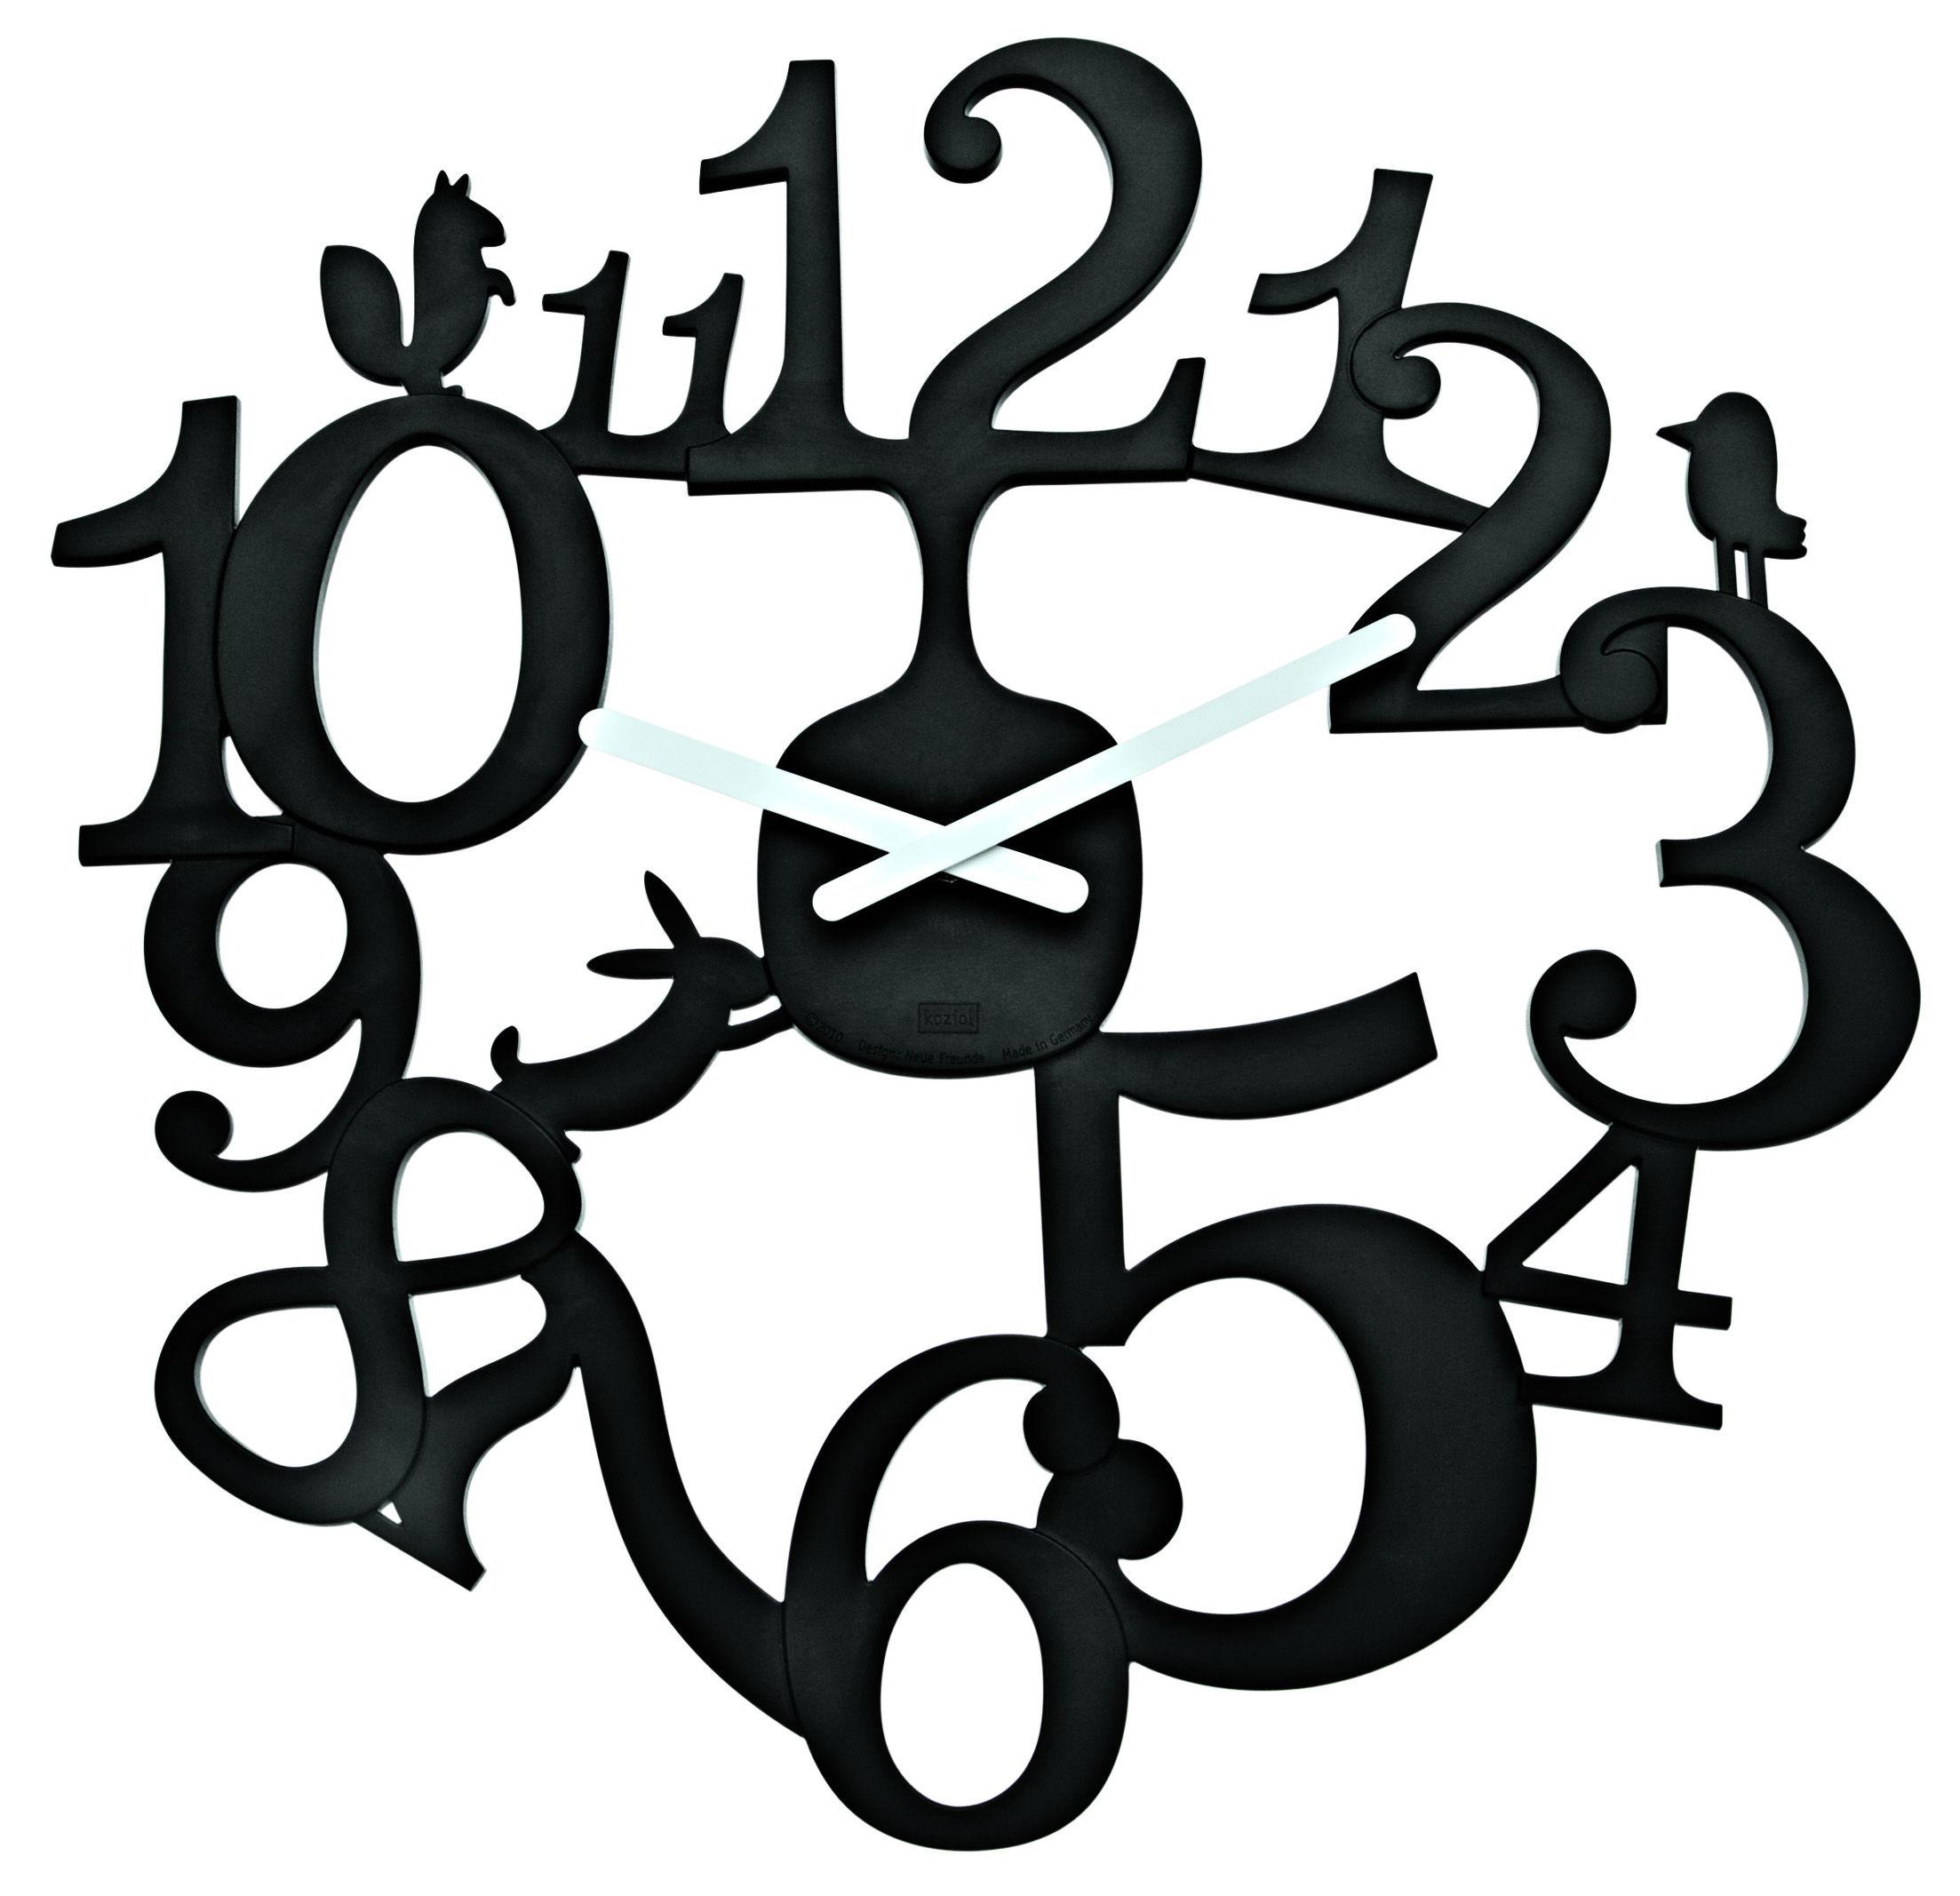 Déco - Horloges  - Horloge murale PI:P - Koziol - Noir - Matière plastique